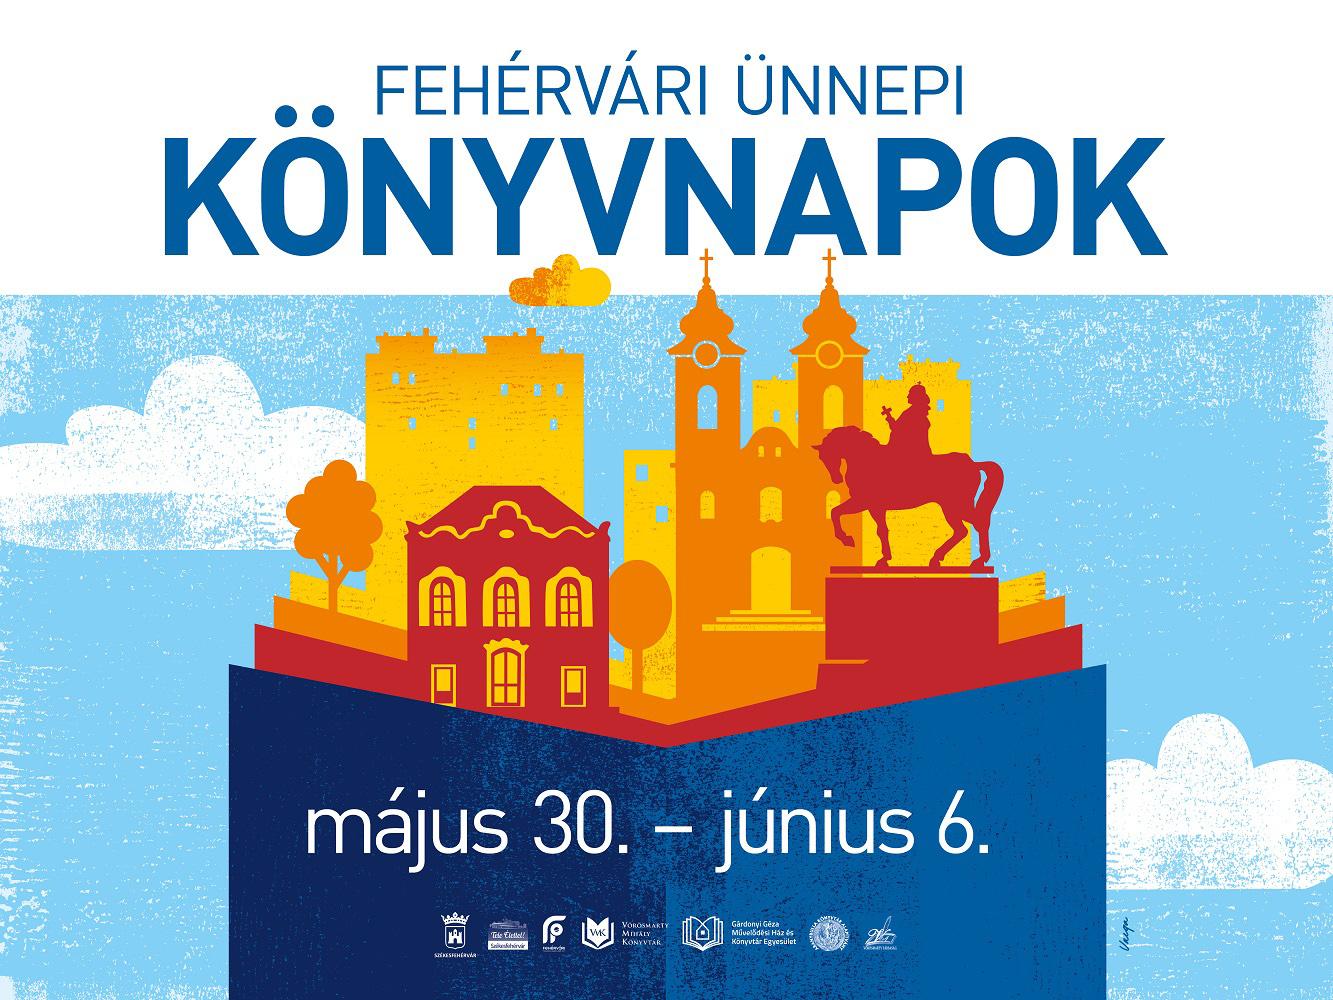 Fehérvári Ünnepi Könyvnapok @ Székesfehérvár könyvtárai